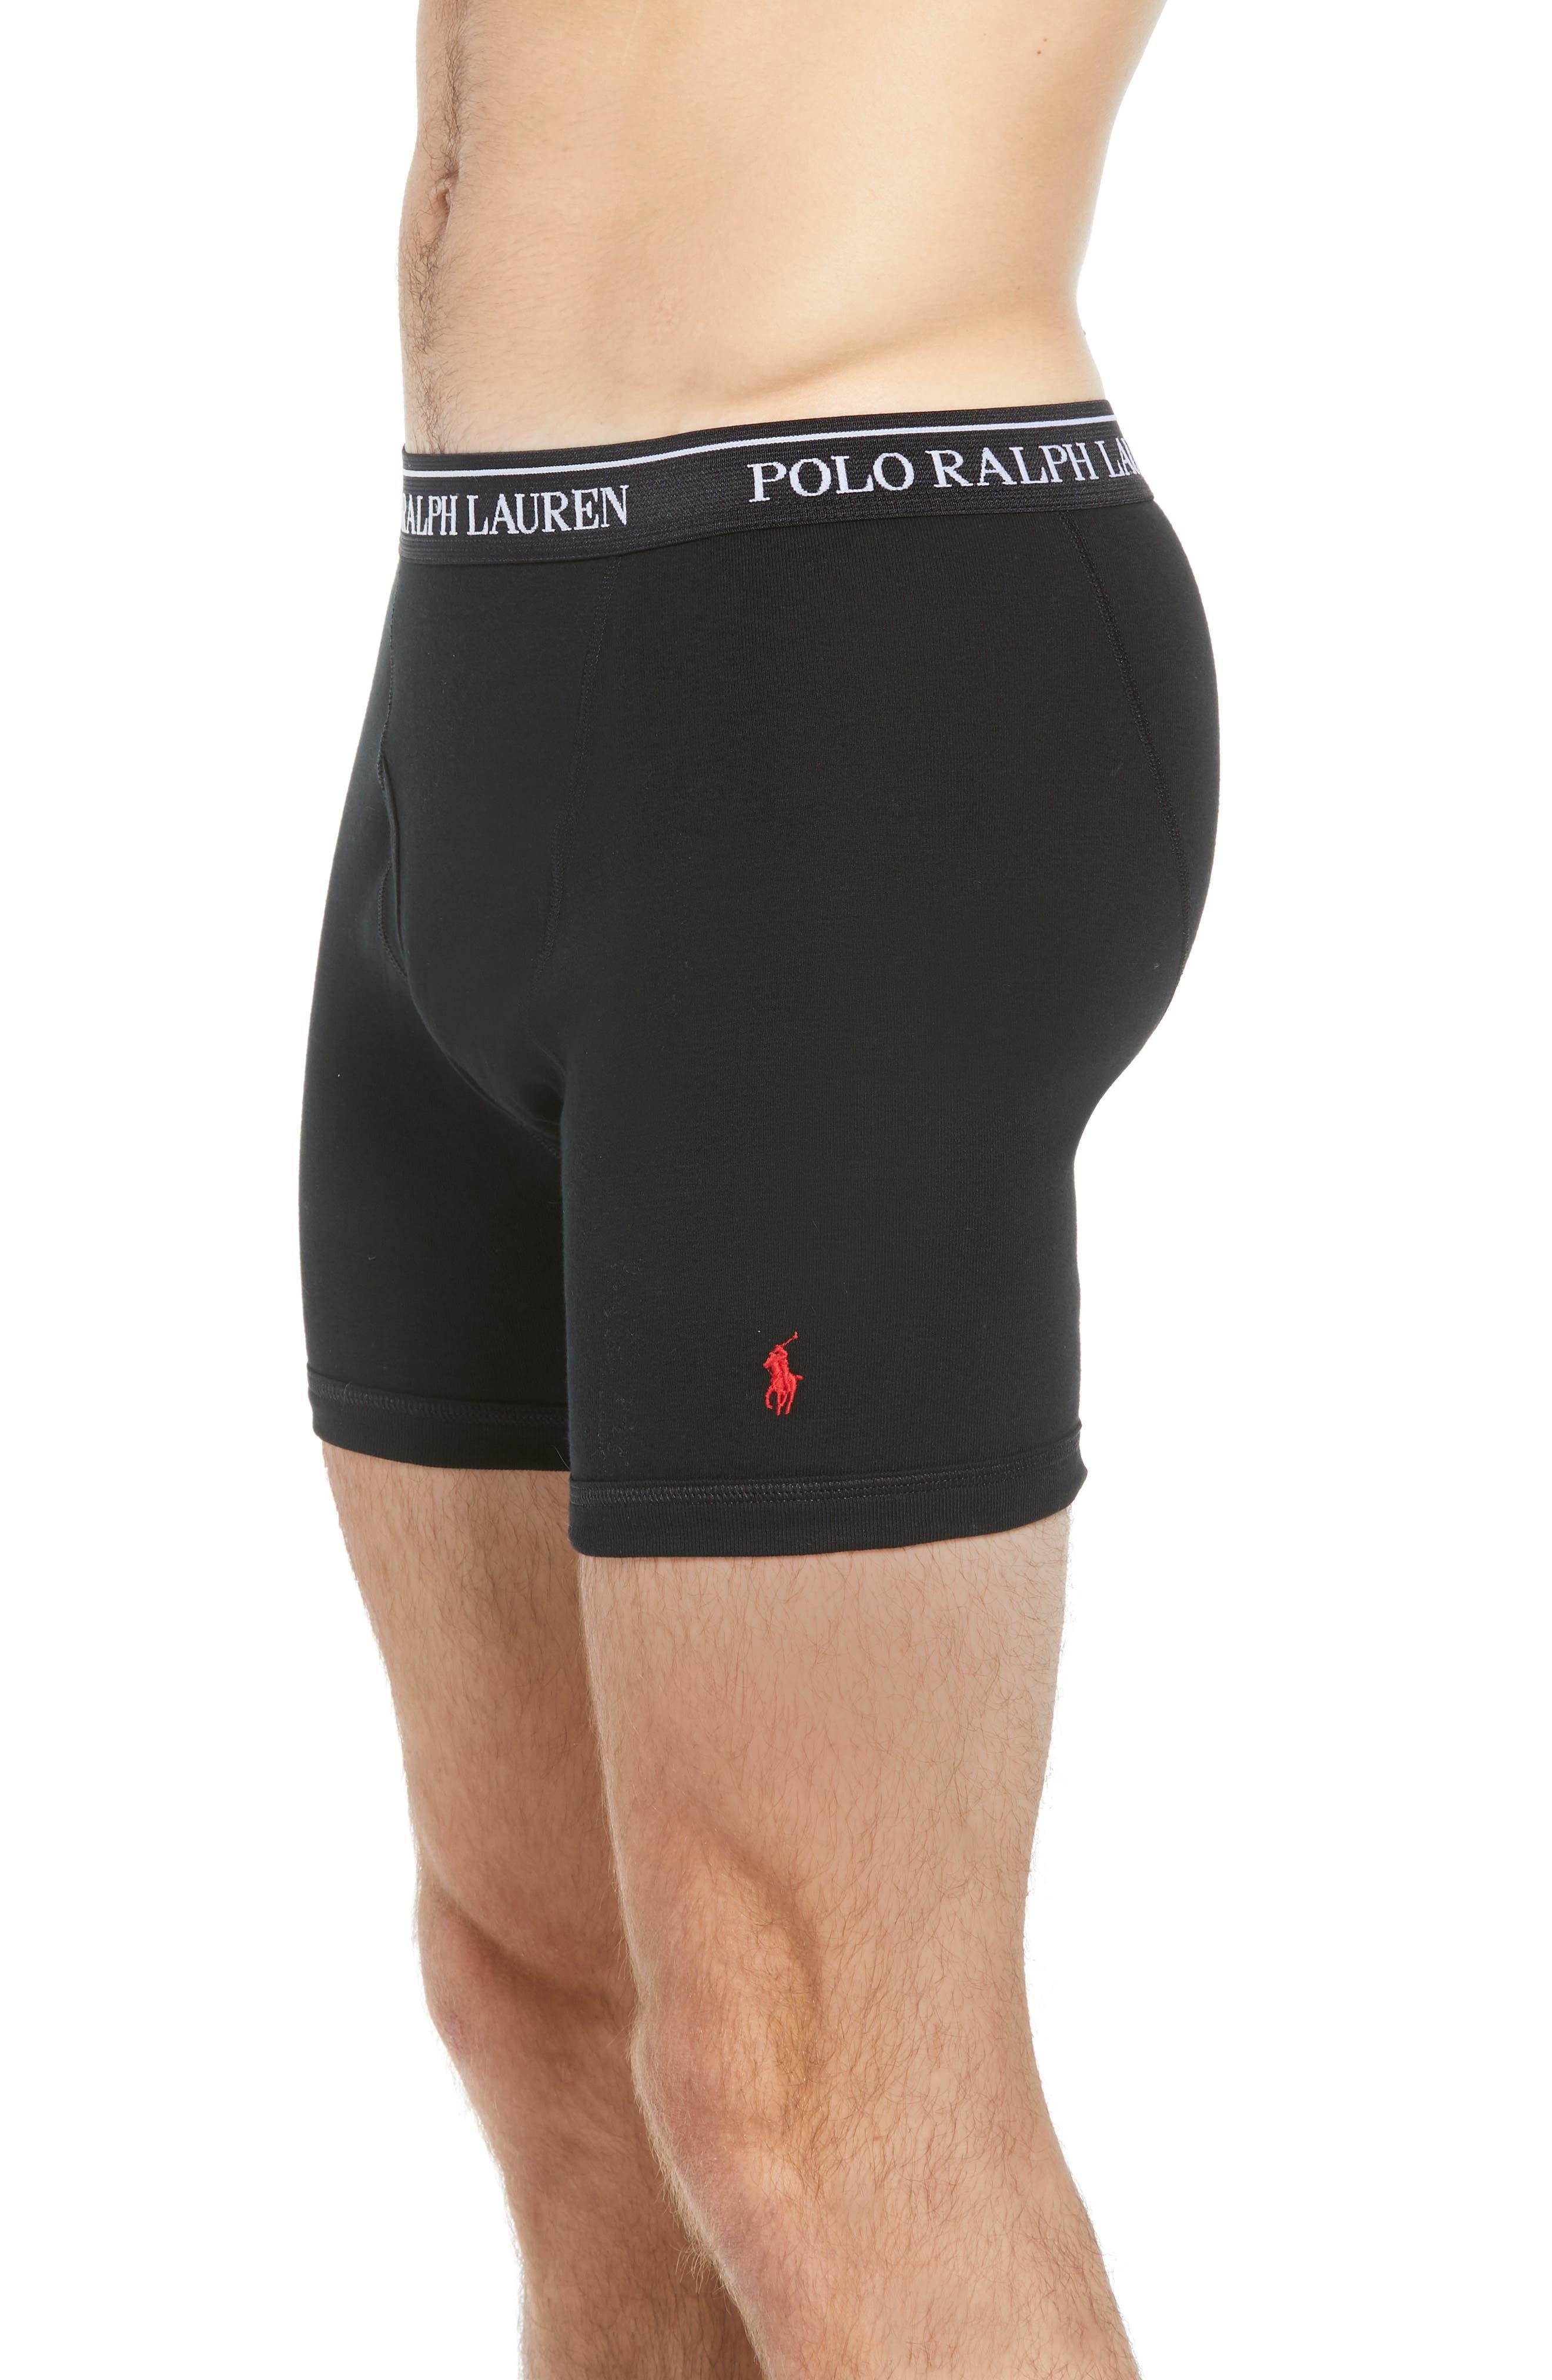 POLO RALPH LAUREN, 3-Pack Cotton Boxer Briefs, Alternate thumbnail 4, color, BLACK/ RED